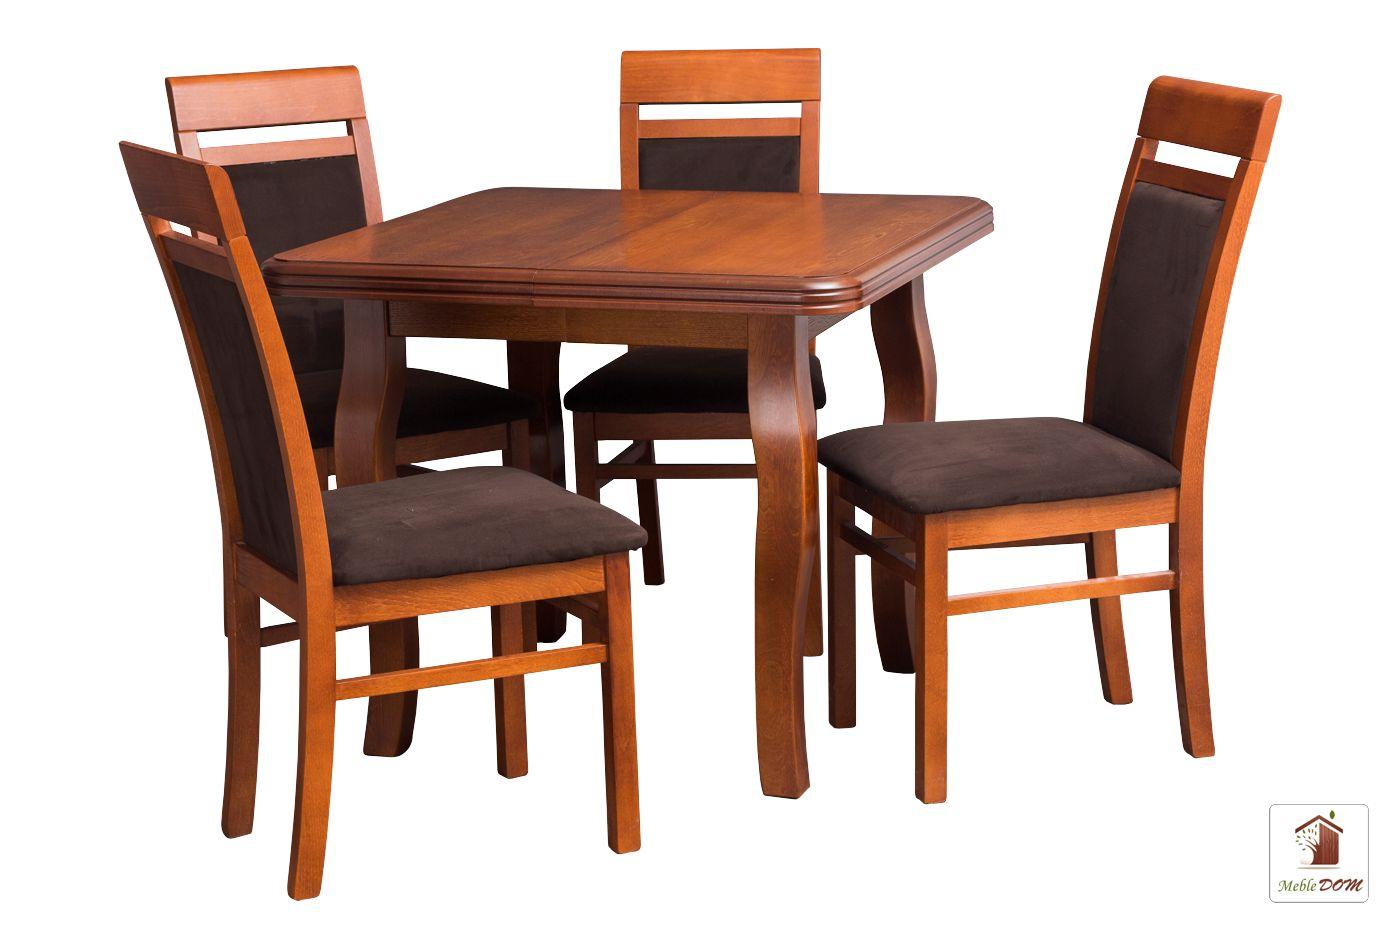 Kwadratowy Stół Rozkładany Swan Square Chic Extra Frez Skk 89